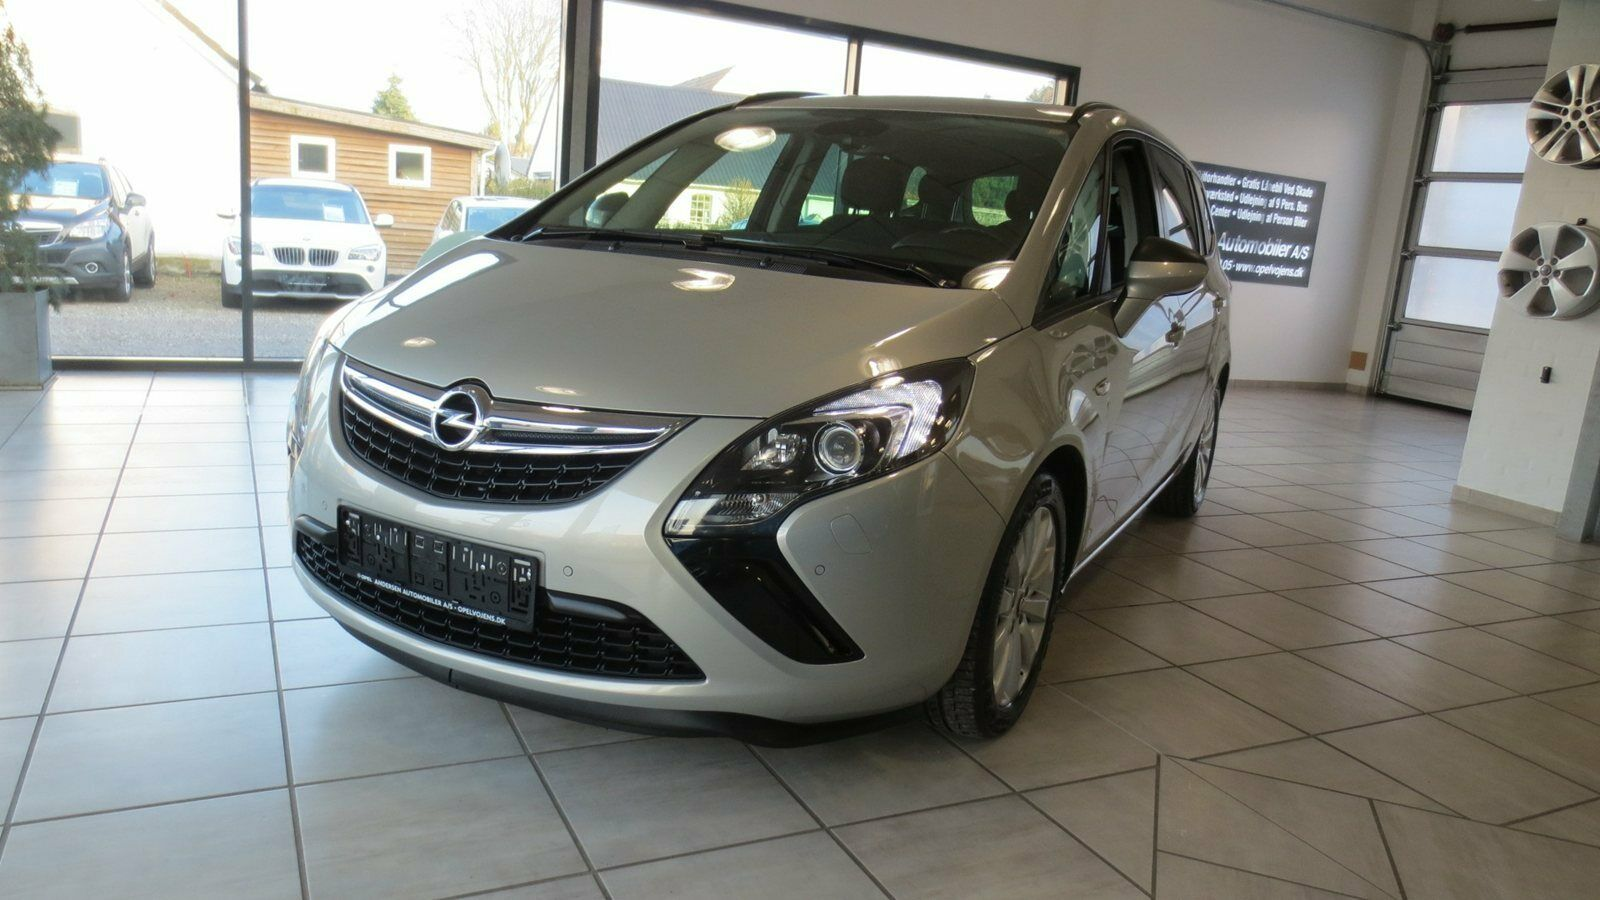 Opel Zafira Tourer 2,0 CDTi 130 Enjoy eco 5d - 99.900 kr.